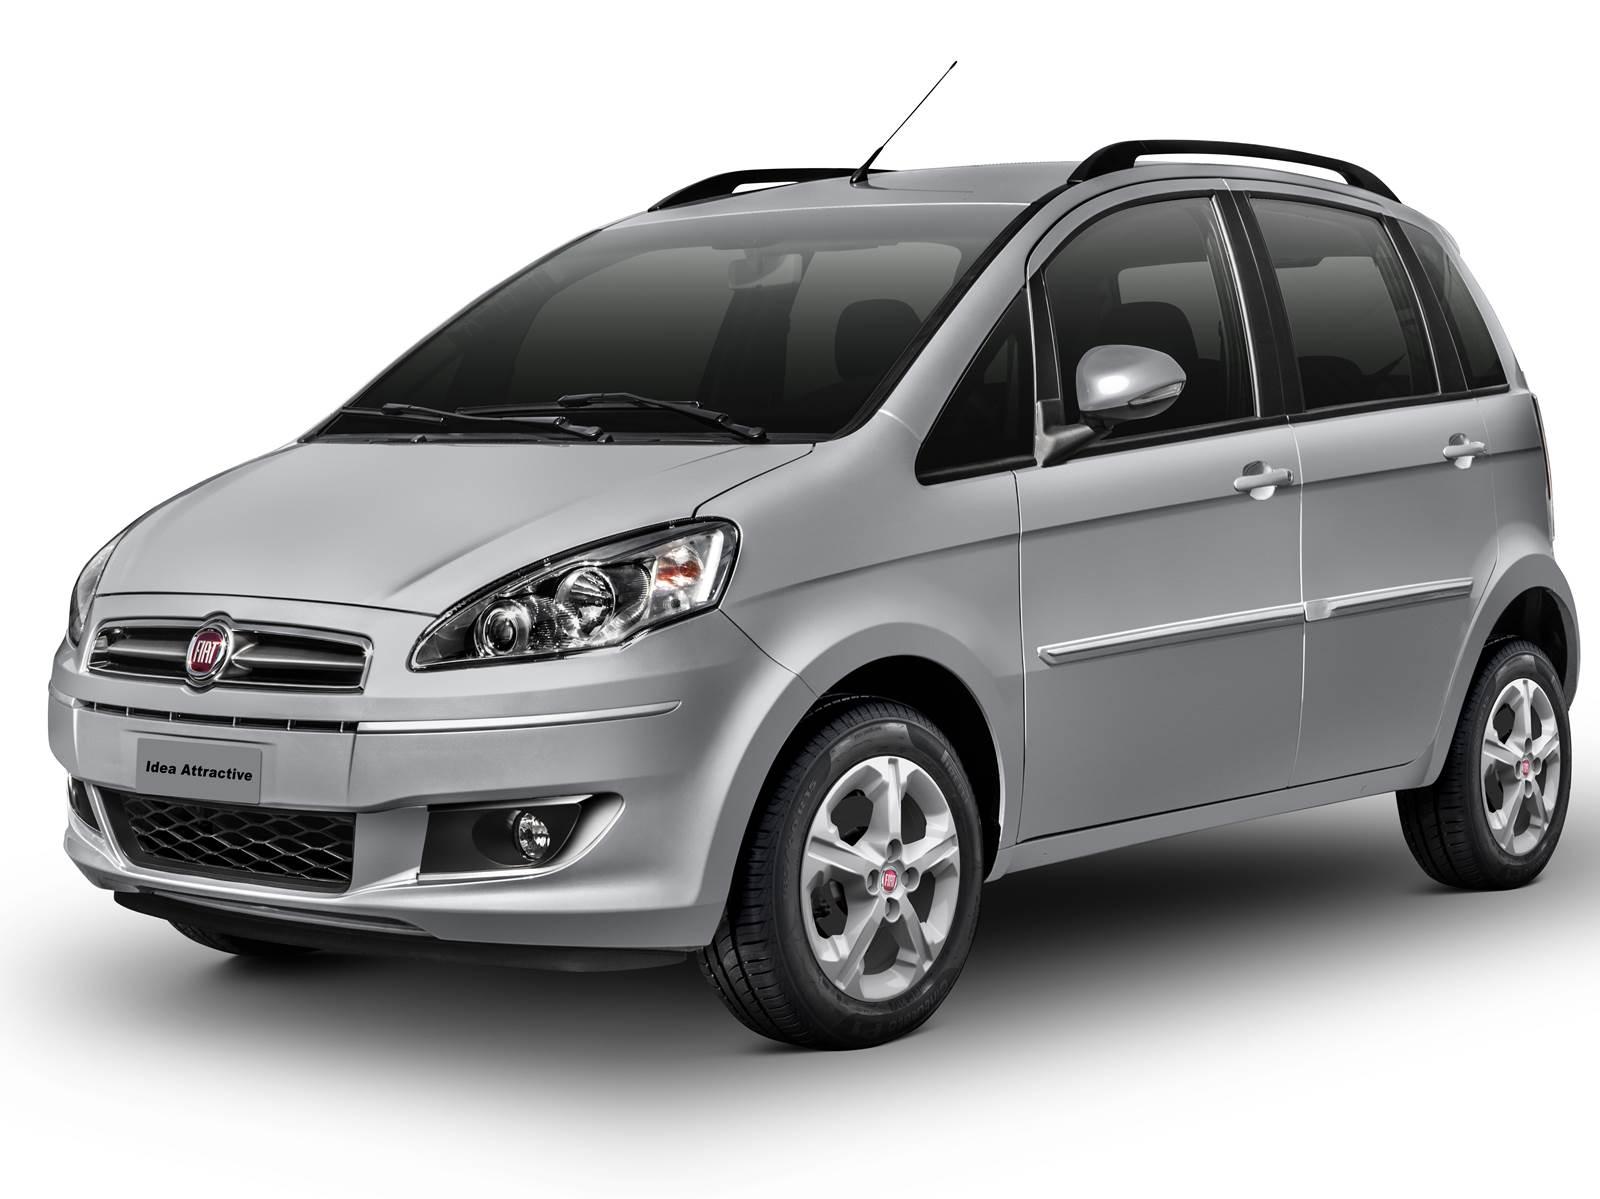 Fiat idea 2016 fotos pre os consumo e especifica es for Fiat attractive 2016